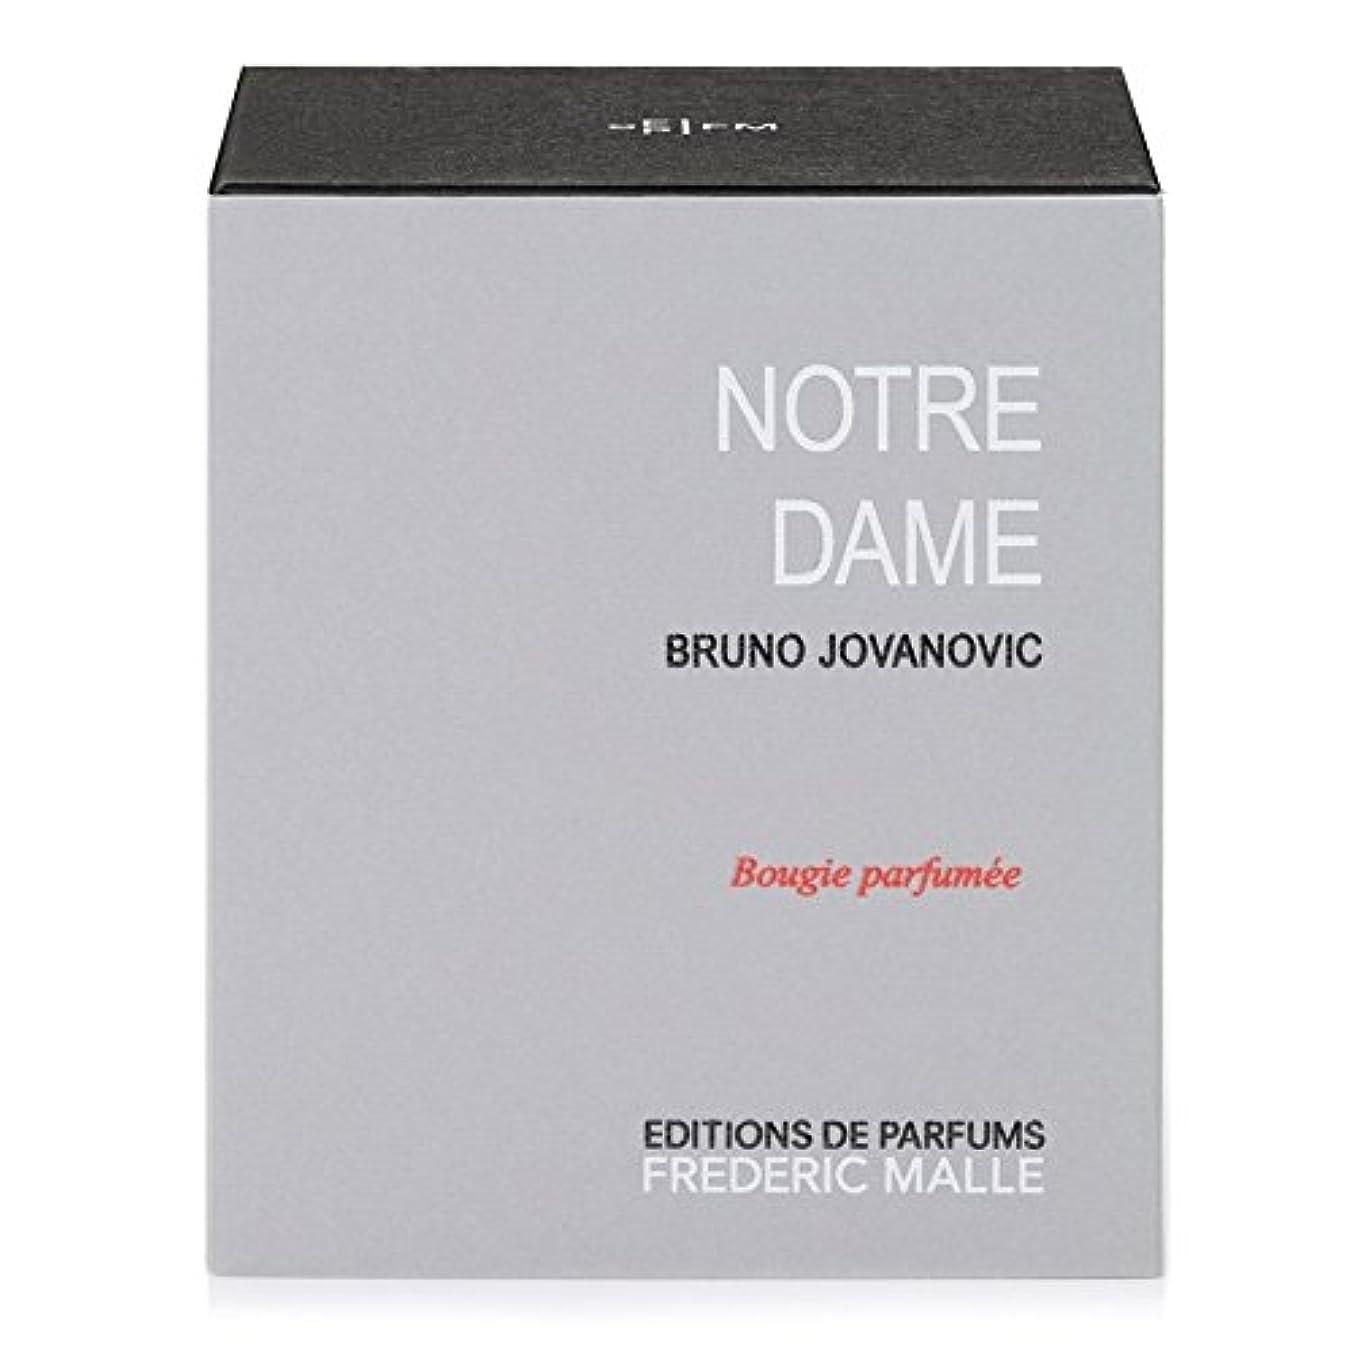 メタン礼儀あなたはFrederic Malle Notre Dame Scented Candle 220g (Pack of 4) - フレデリック?マルノートルダム香りのキャンドル220グラム x4 [並行輸入品]